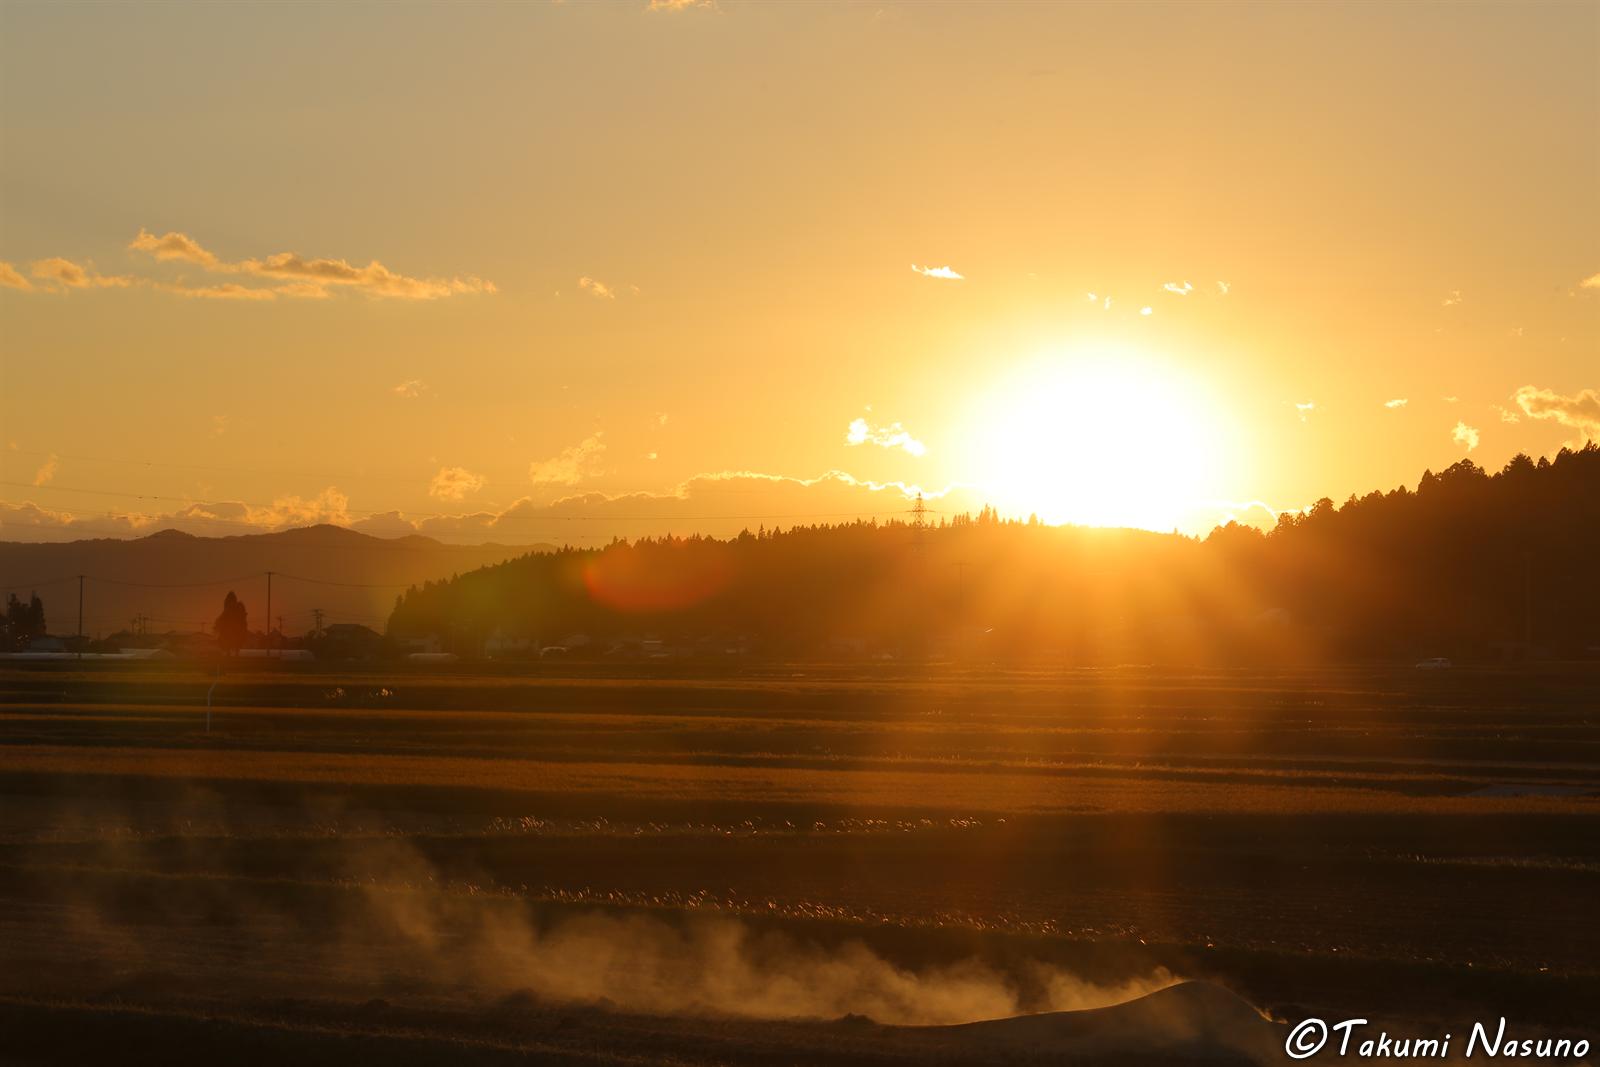 Strong Sunlight at Yashirogawa District of Tanagura Town